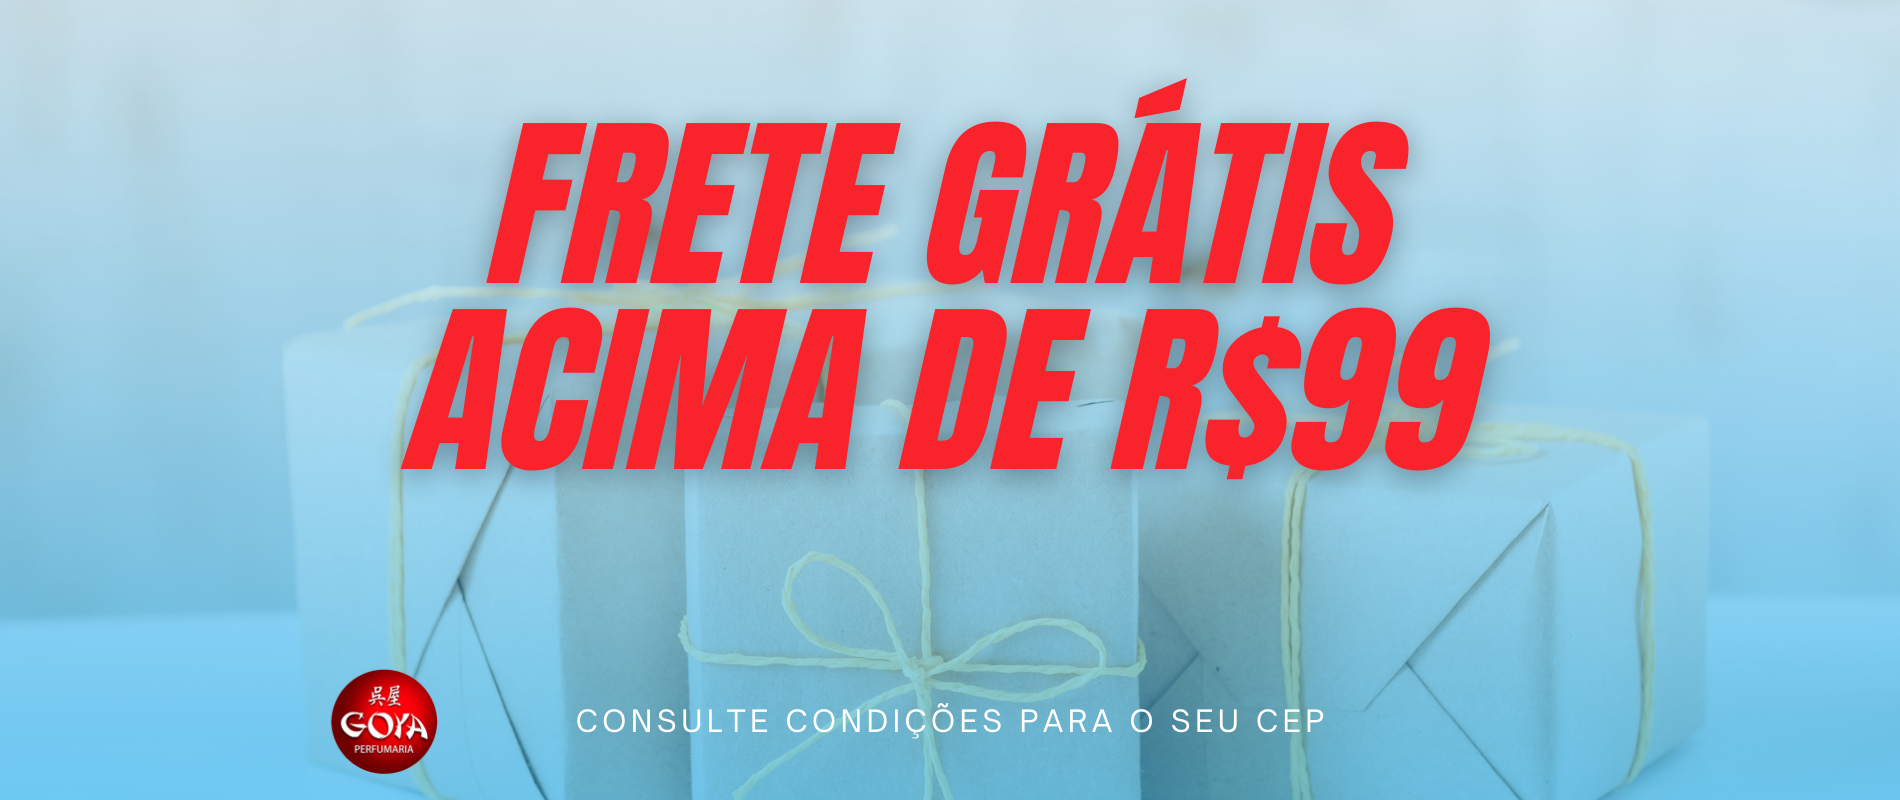 https://goyaperfumaria.com.br/frete-gratis